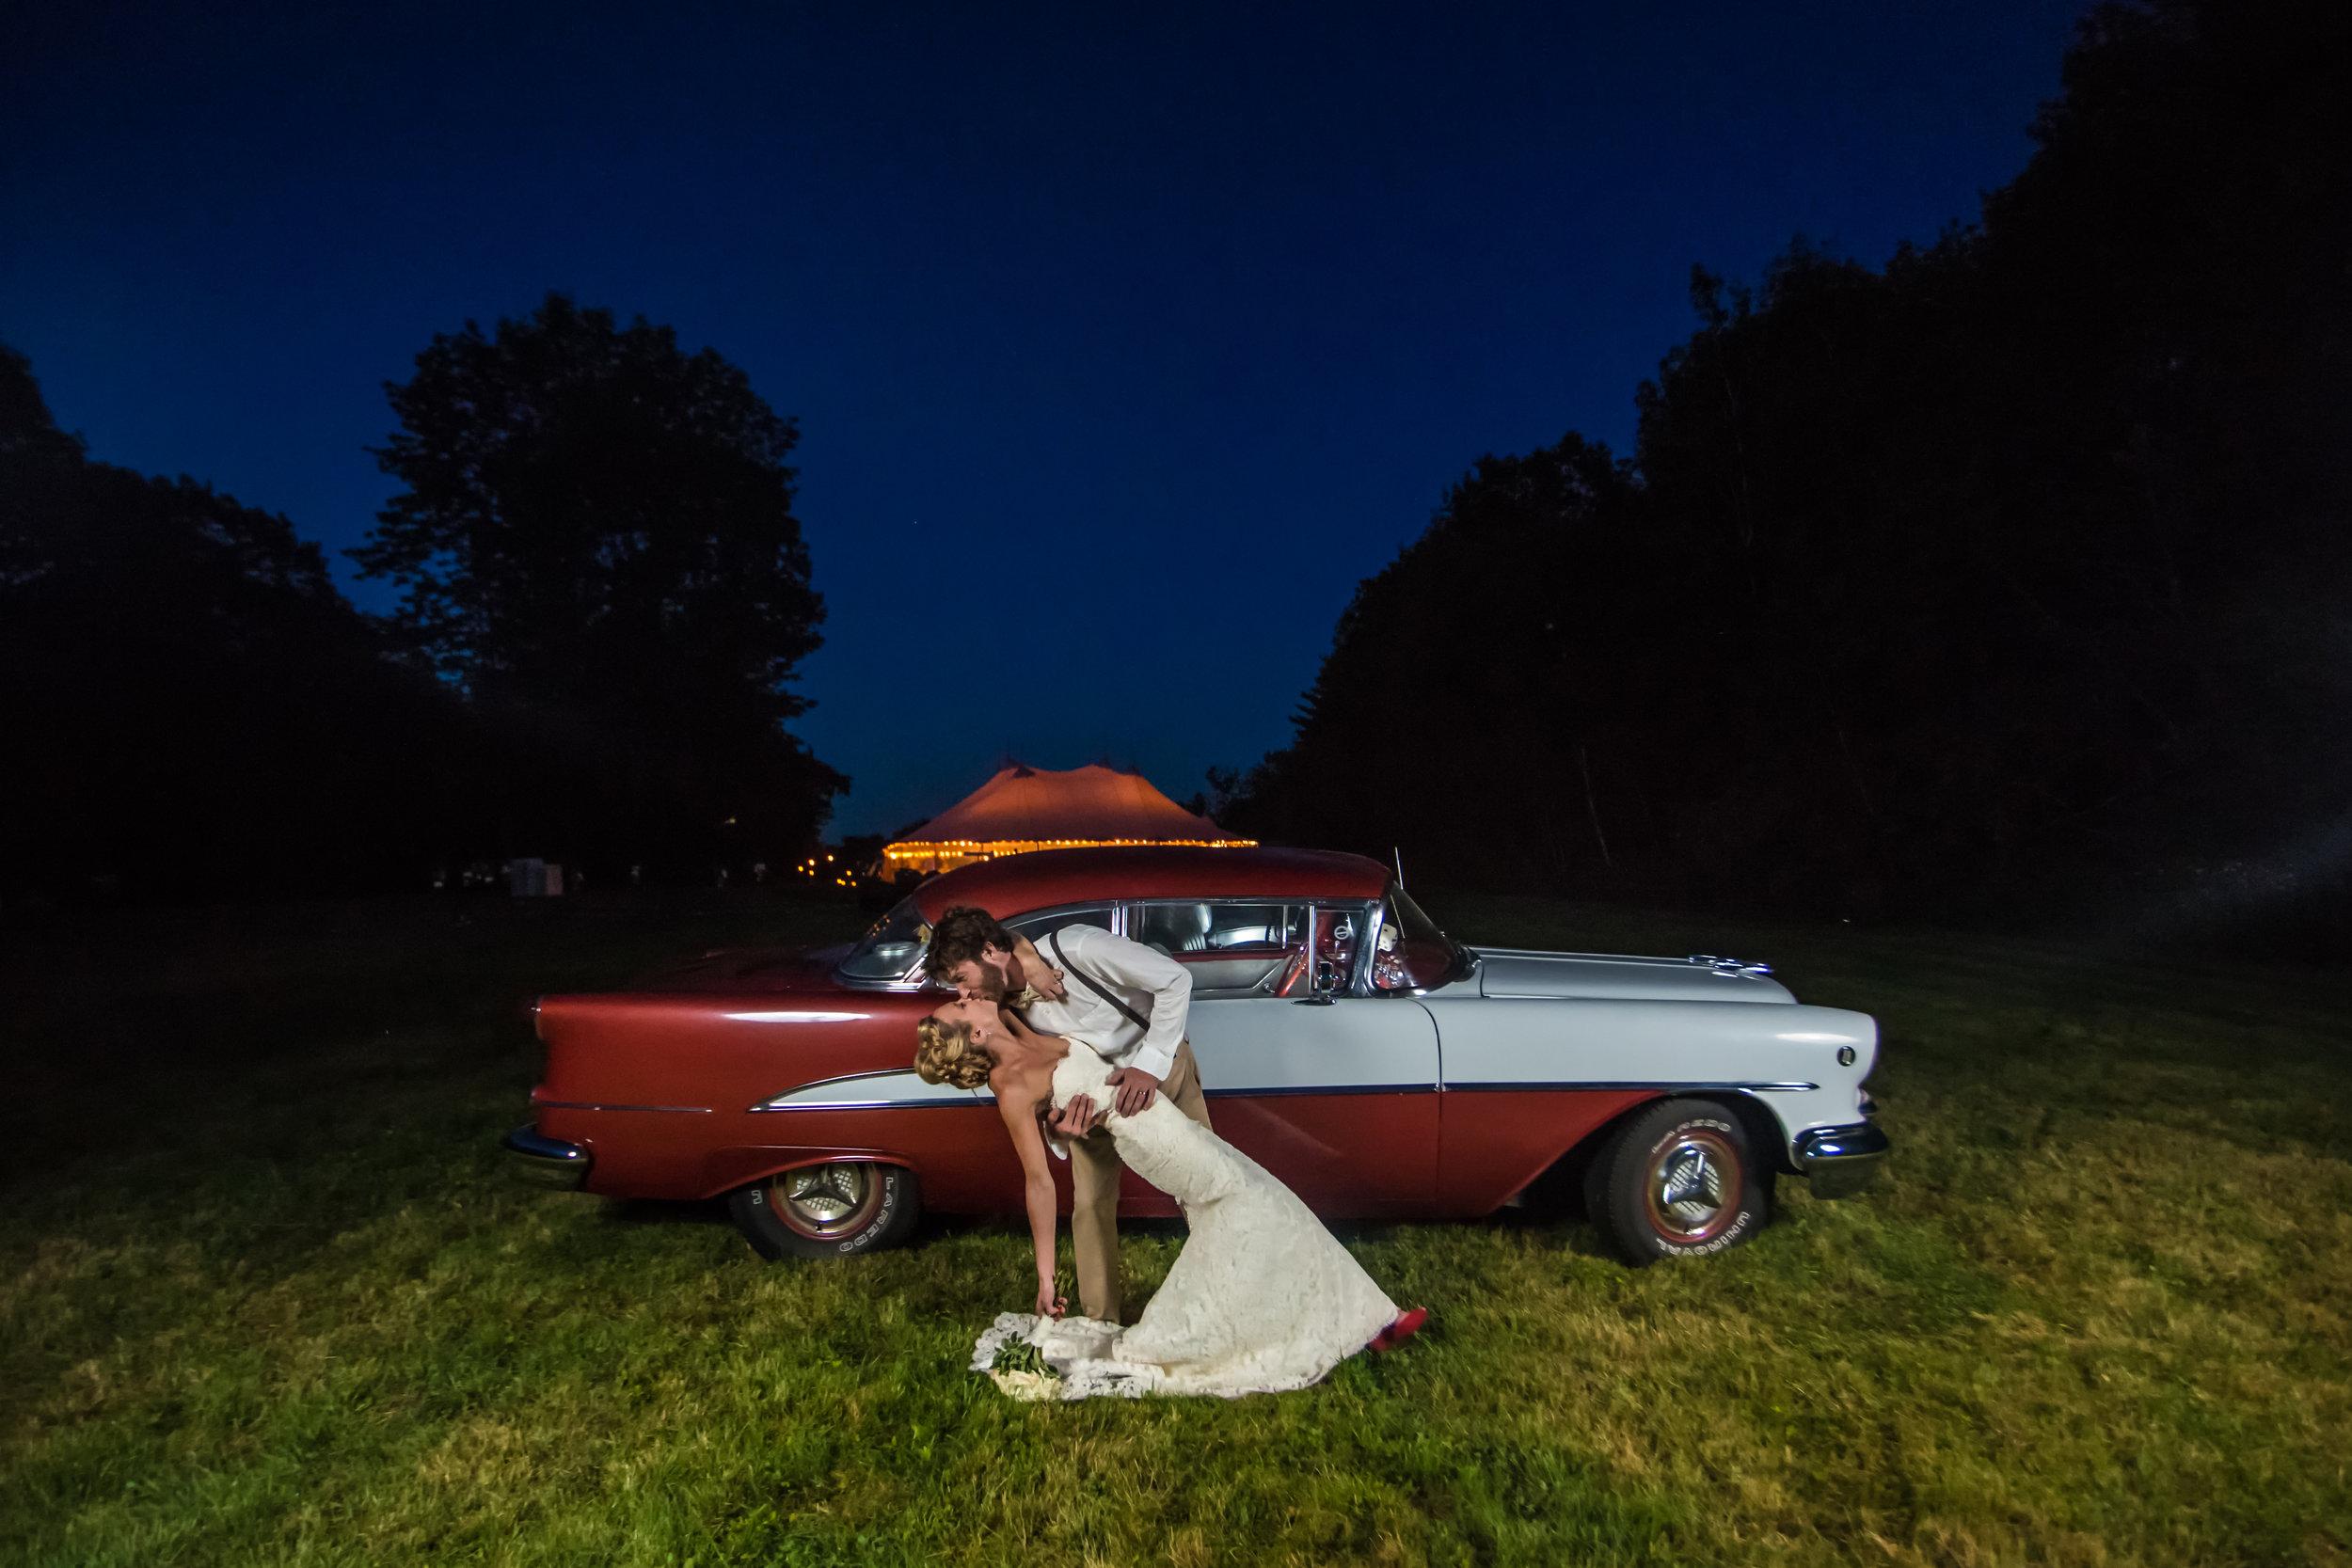 kiss wedding car night .jpg